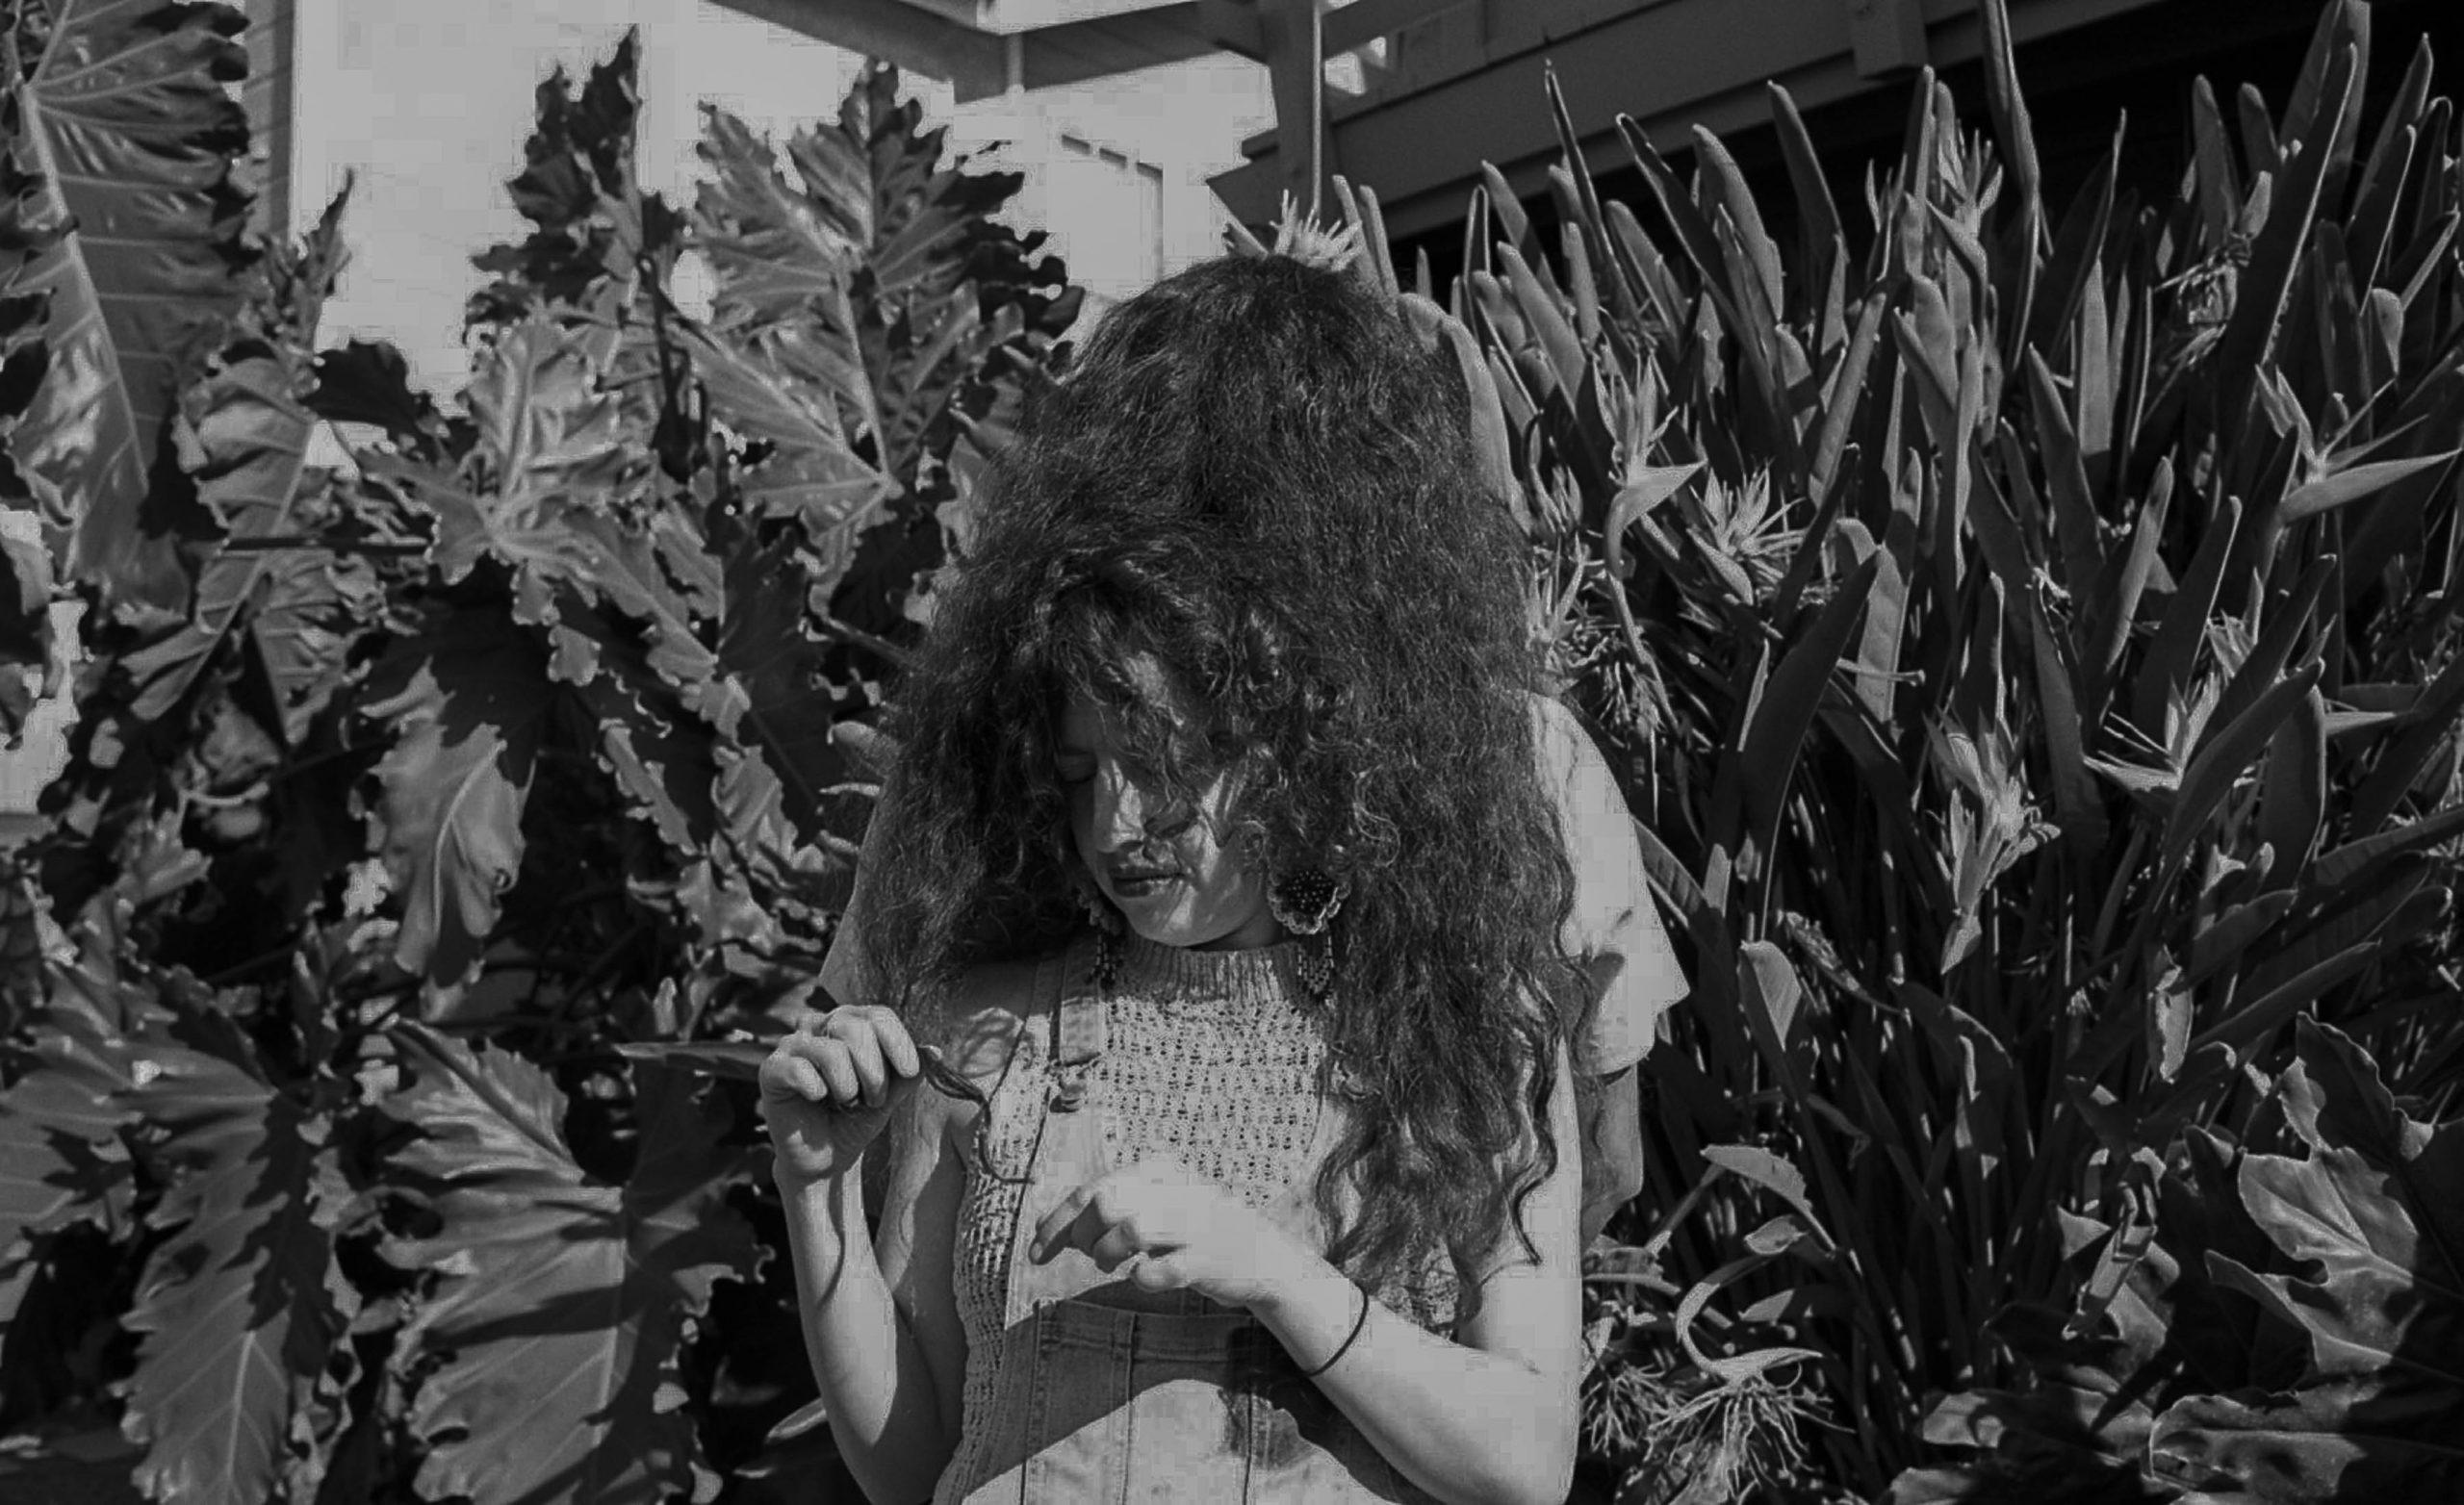 https://sparksgallery.com/wp-content/uploads/2019/10/Magdalena-Ramirez-Cerda-HiRes-scaled.jpg